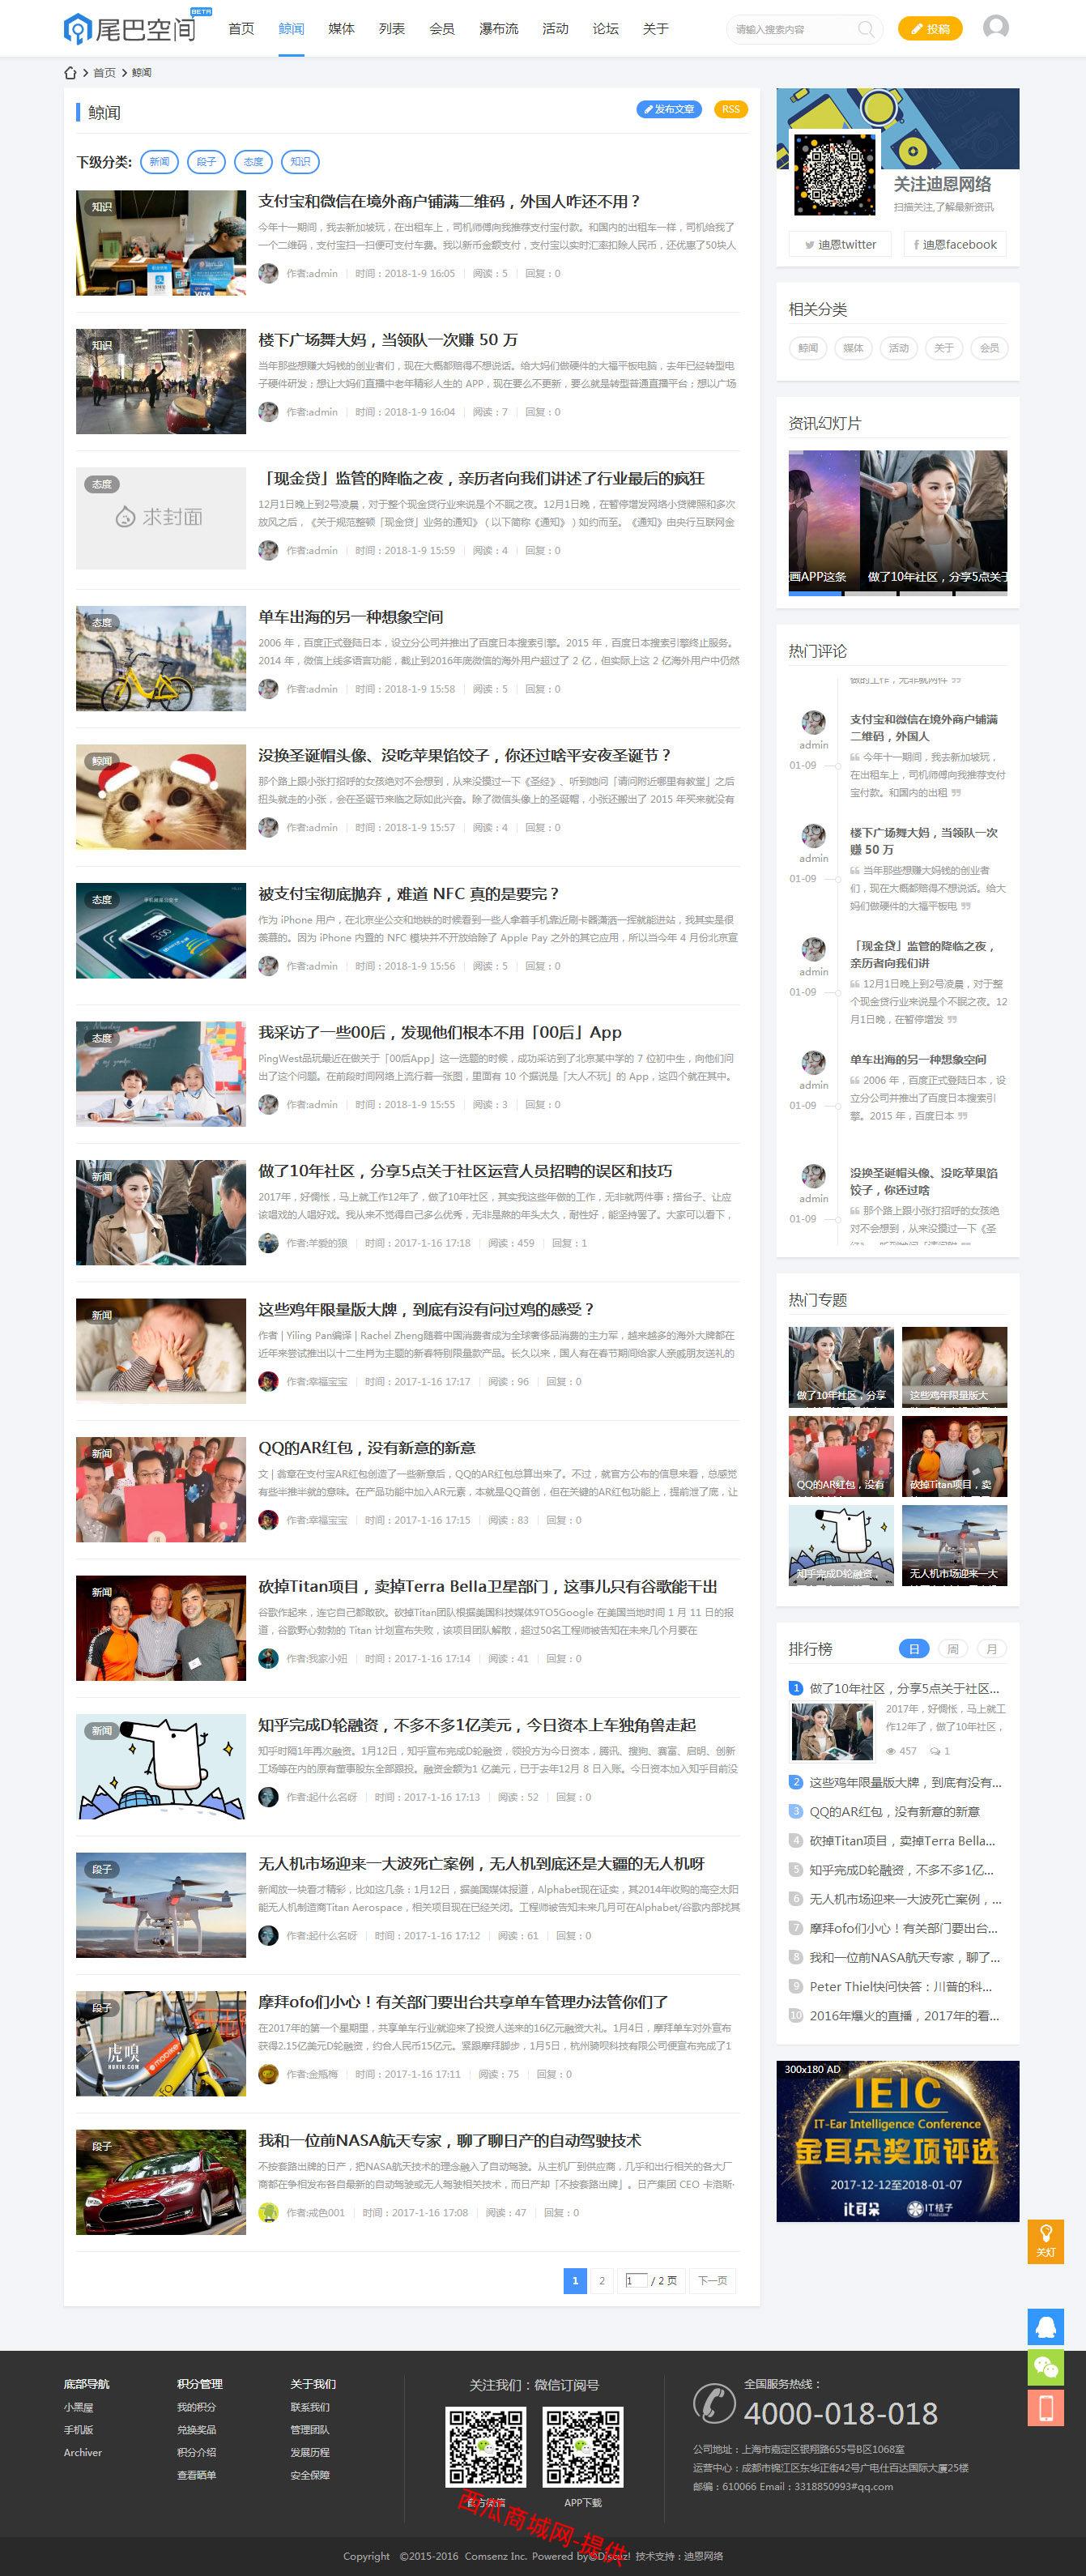 好牛娱乐网-wlnet资讯媒体干货(GBK+U8)